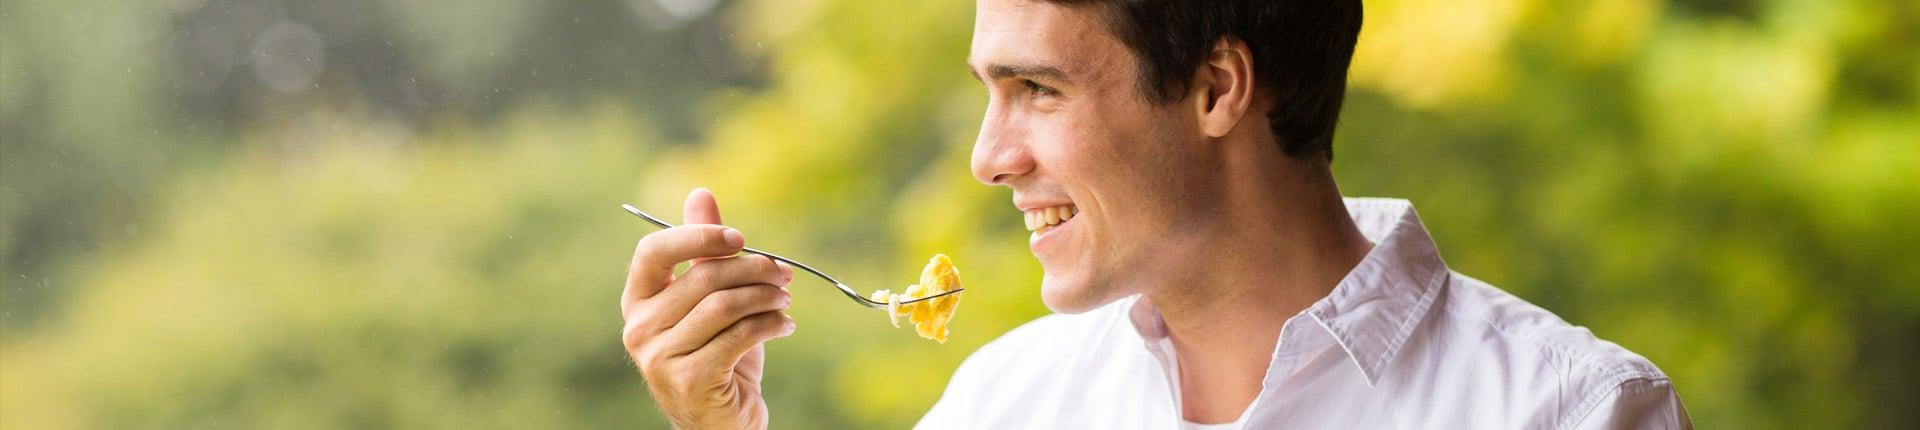 14 najlepszych produktów spożywczych dla mężczyzn